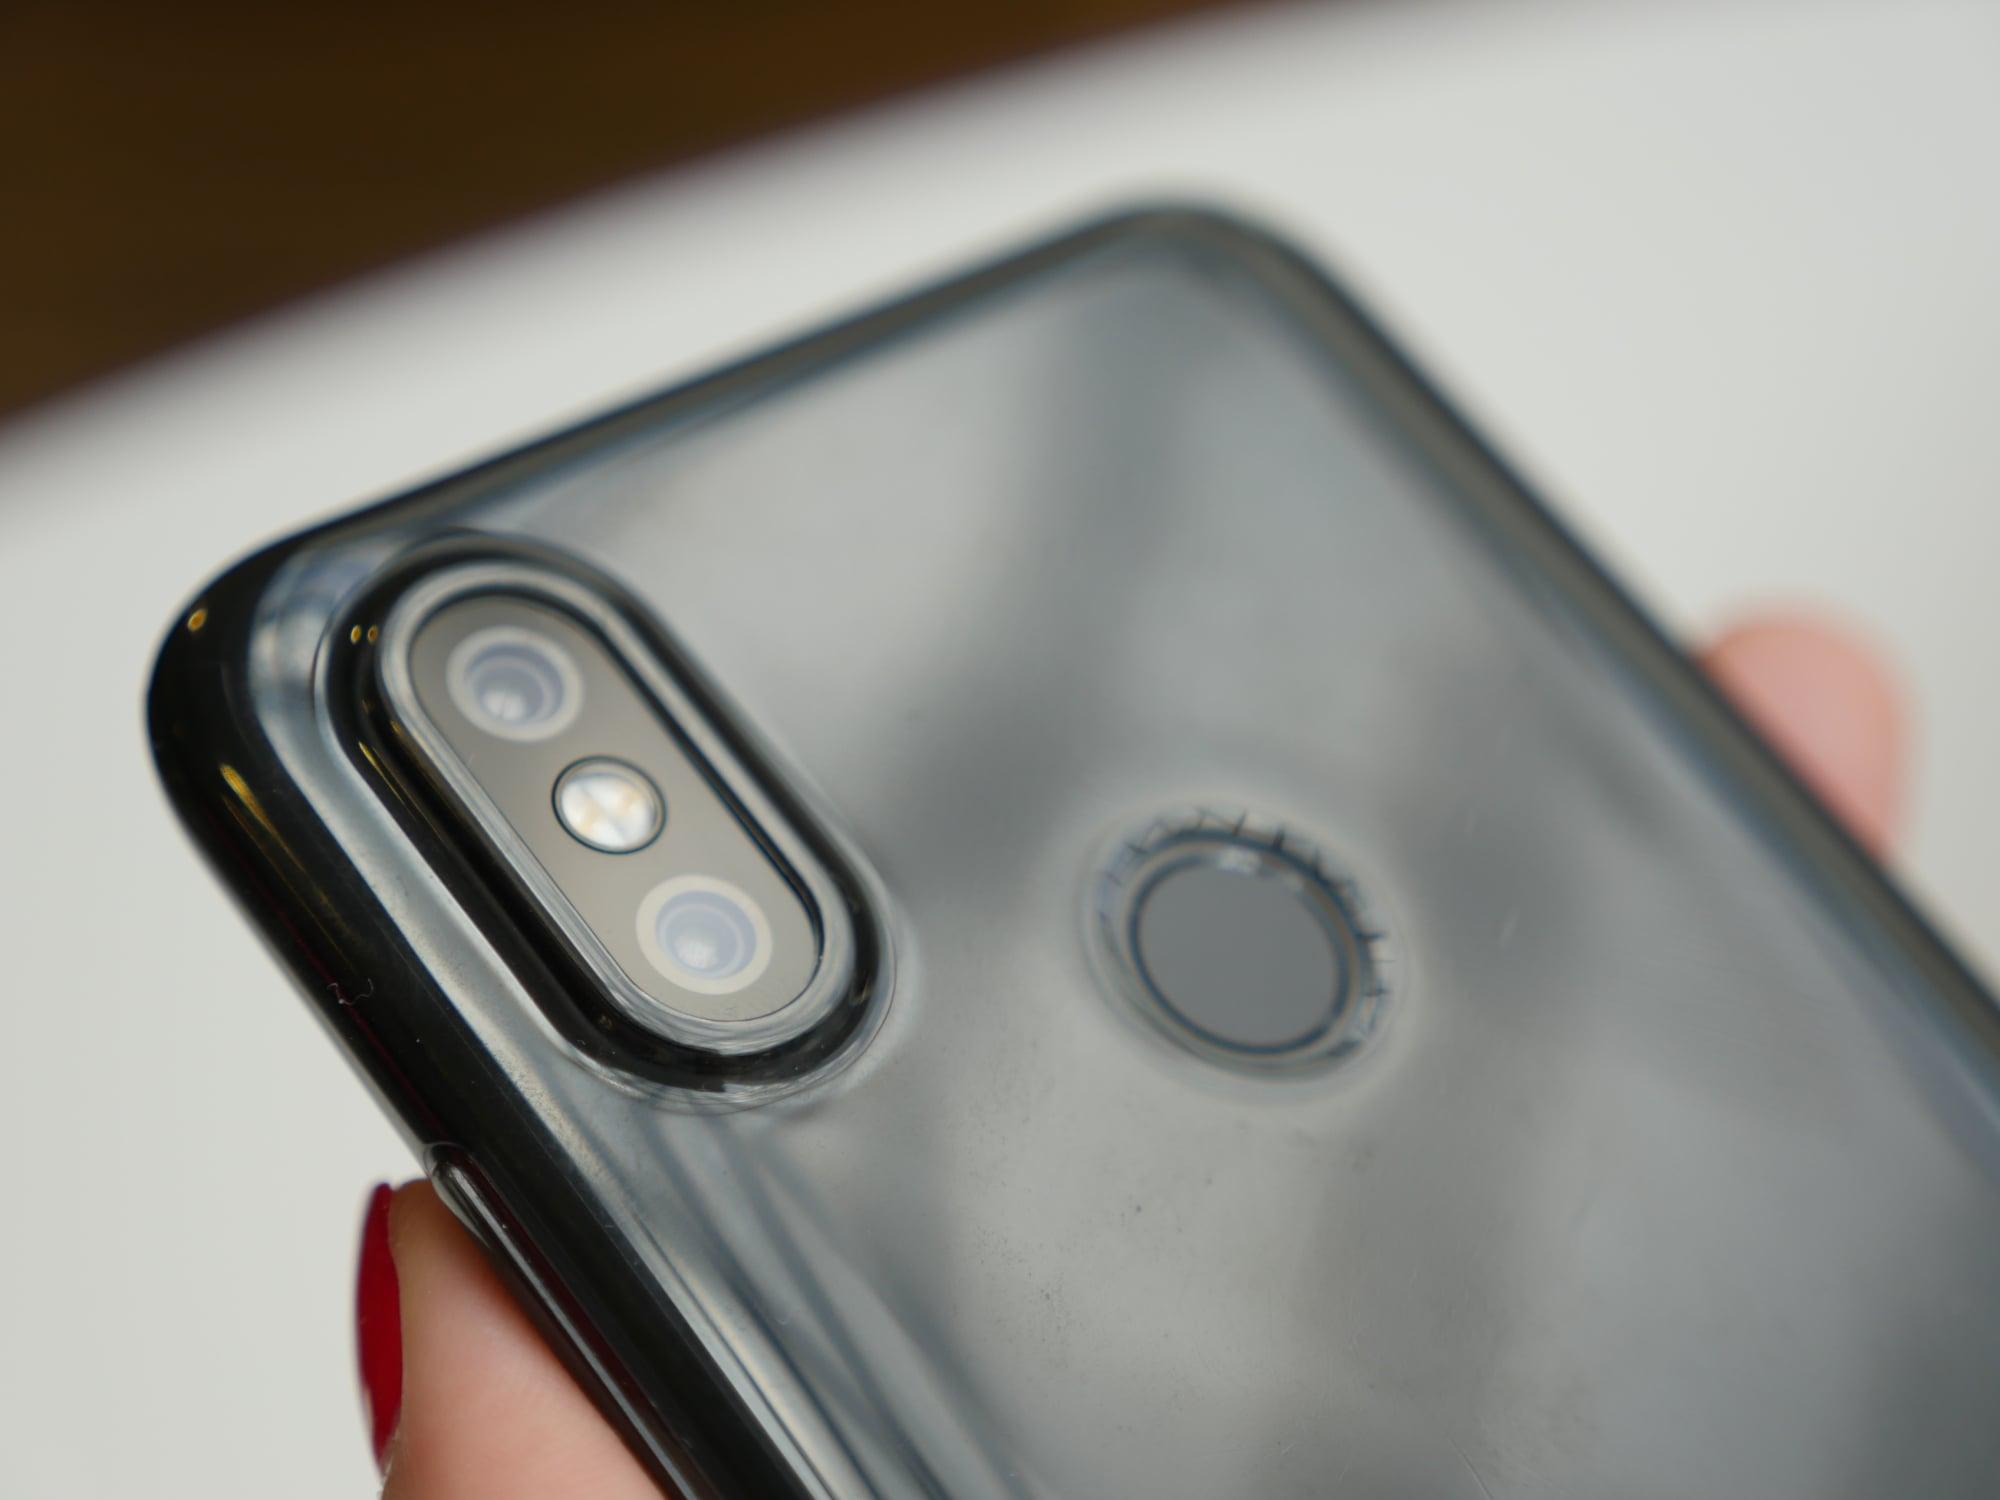 Android 10 tylko dla flagowców? Nie, o ile kupiłeś Xiaomi Mi A2 19